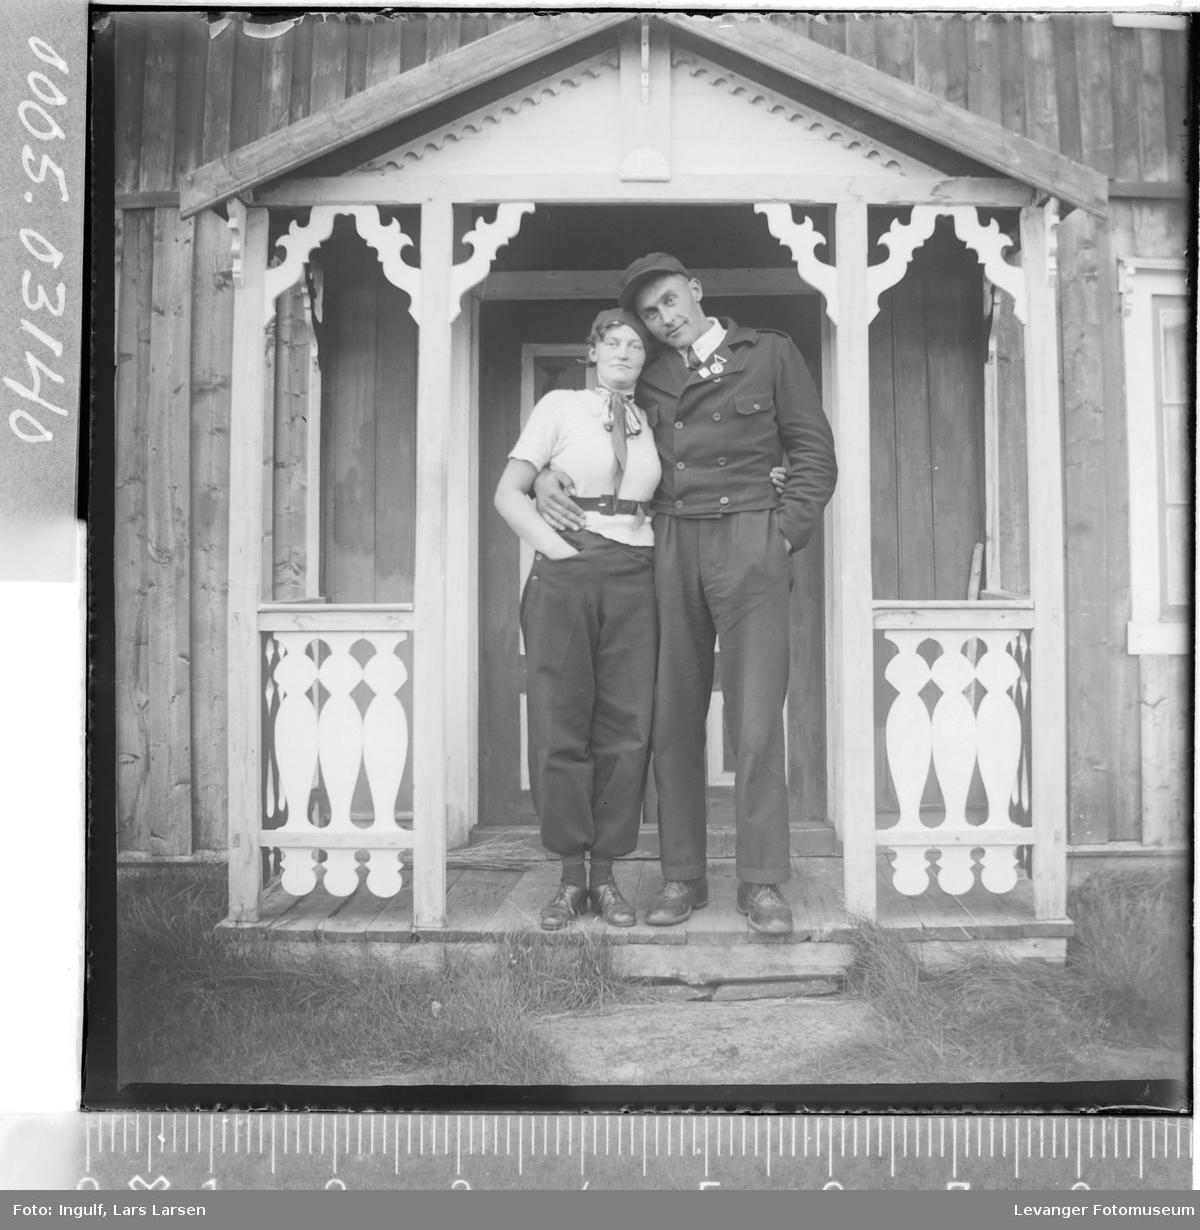 Portrett av kvinne og mann ved et inngangsparti.